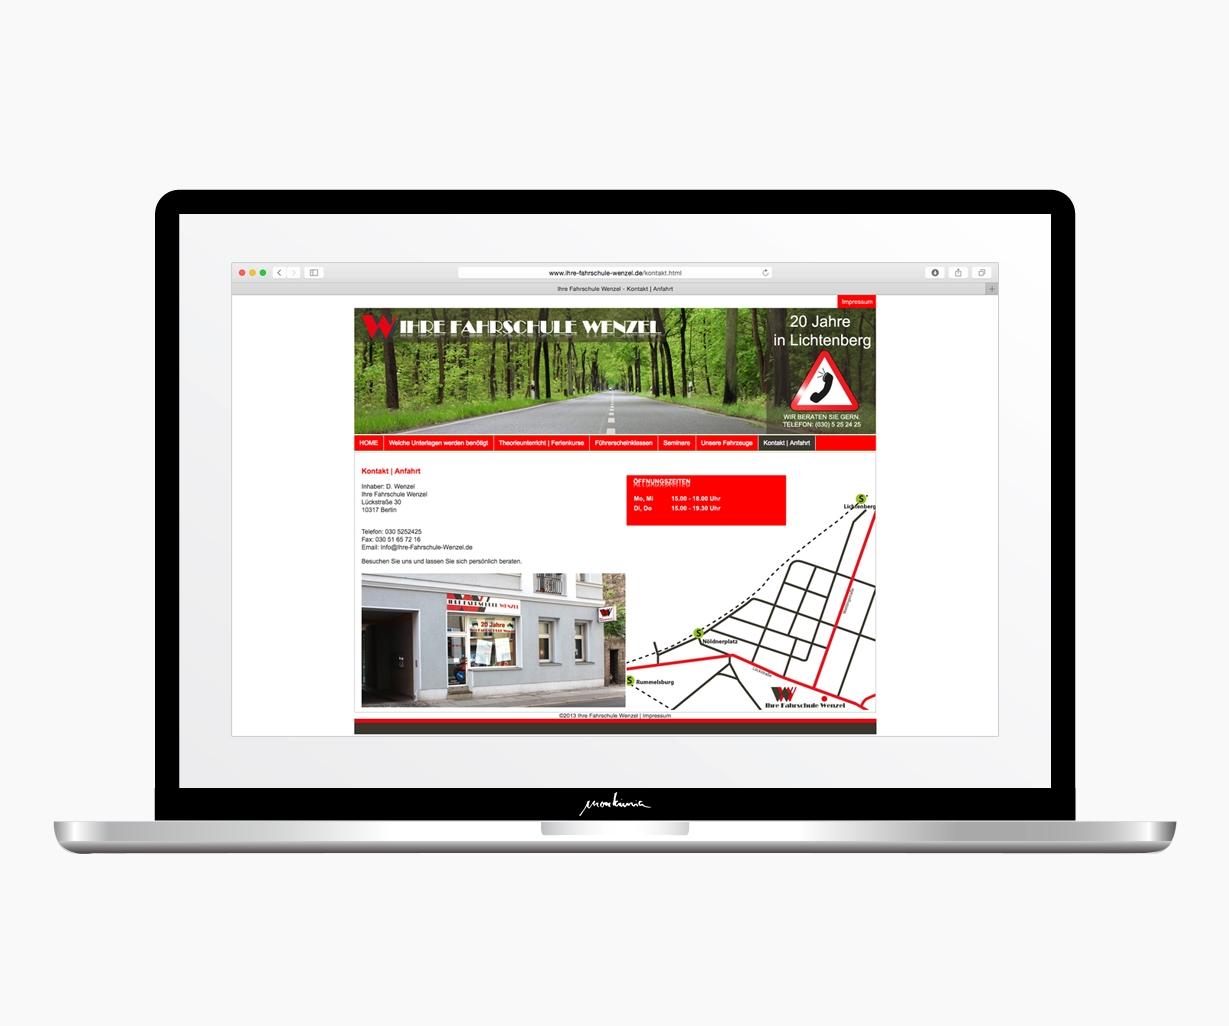 Fahrschule Wenzel Berlin Webdesign